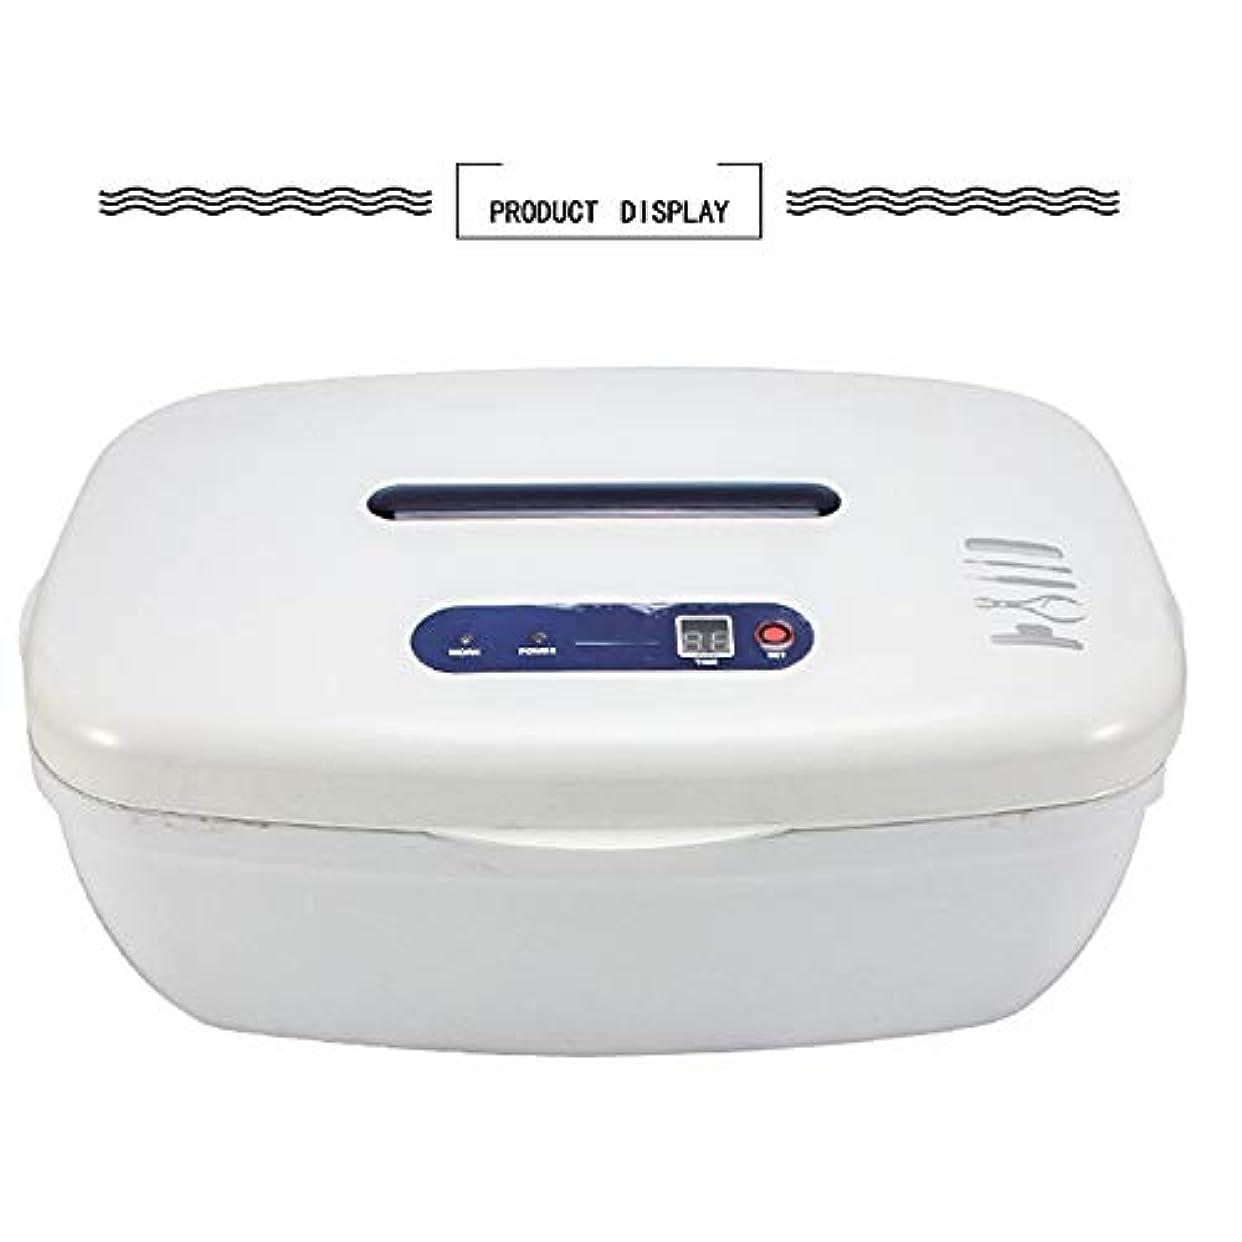 専門の紫外線滅菌装置箱、釘用具の釘の大広間装置をきれいにするための紫外線の消毒剤